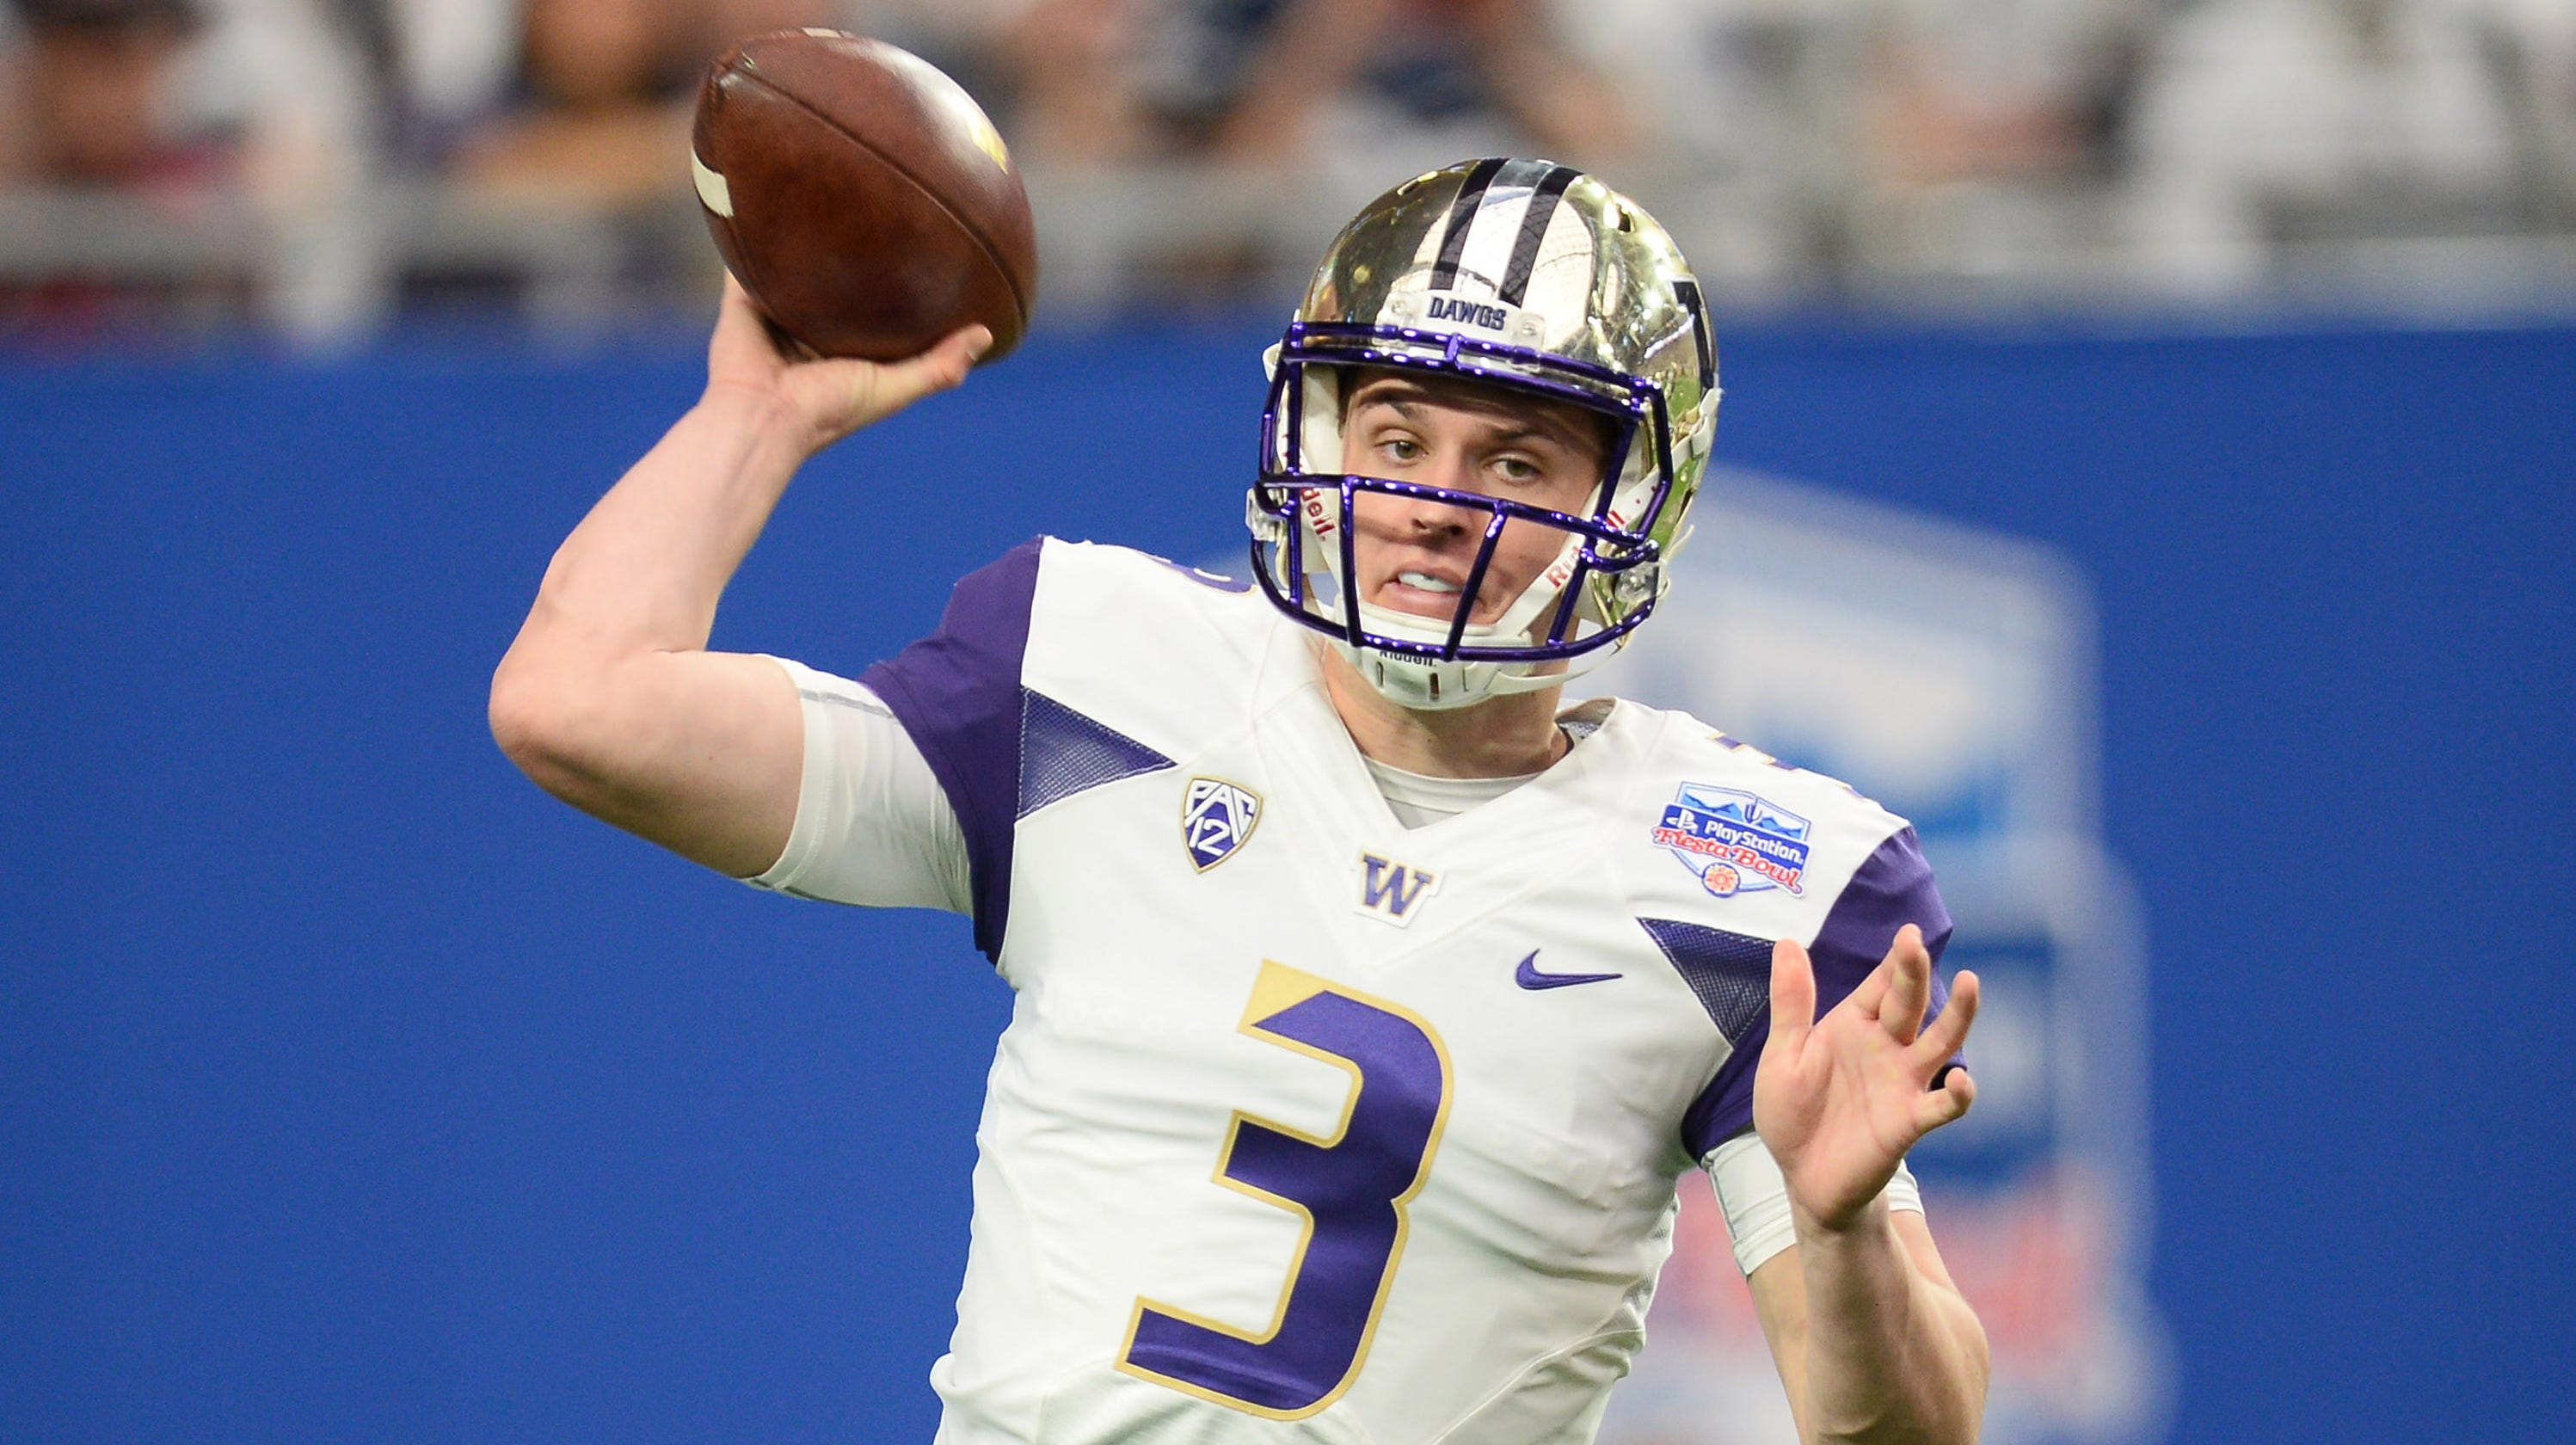 official photos 8e722 9536e Washington quarterback Jake Browning: 'Let's go play already'